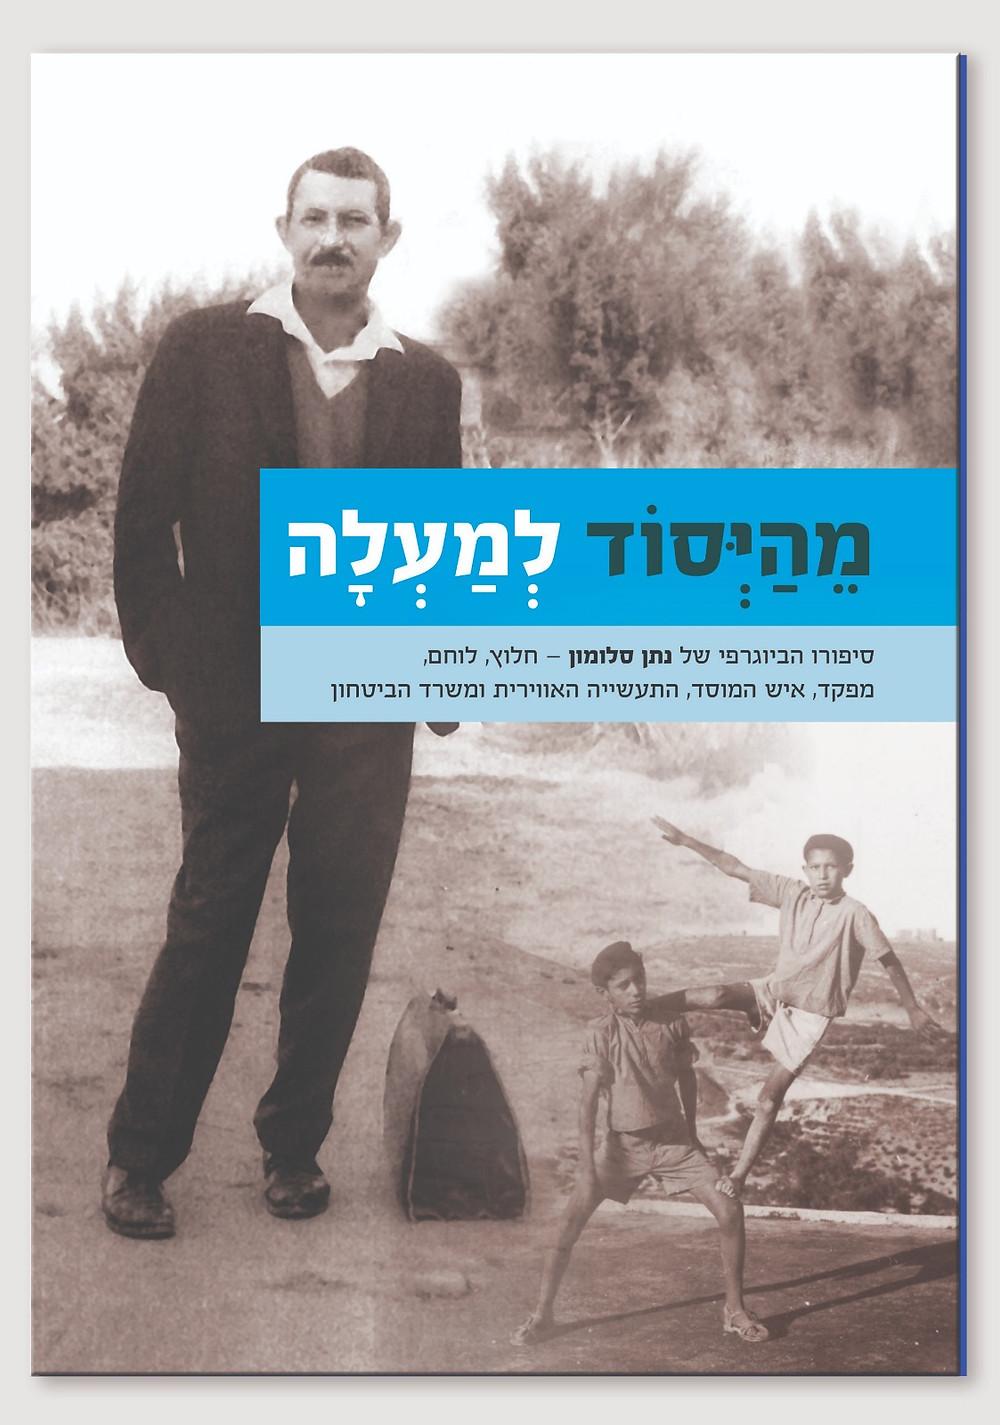 ספר ביוגרפיה על חייו של נתן סלומון, נכתב על ידי רמי צינס, ביוגרף